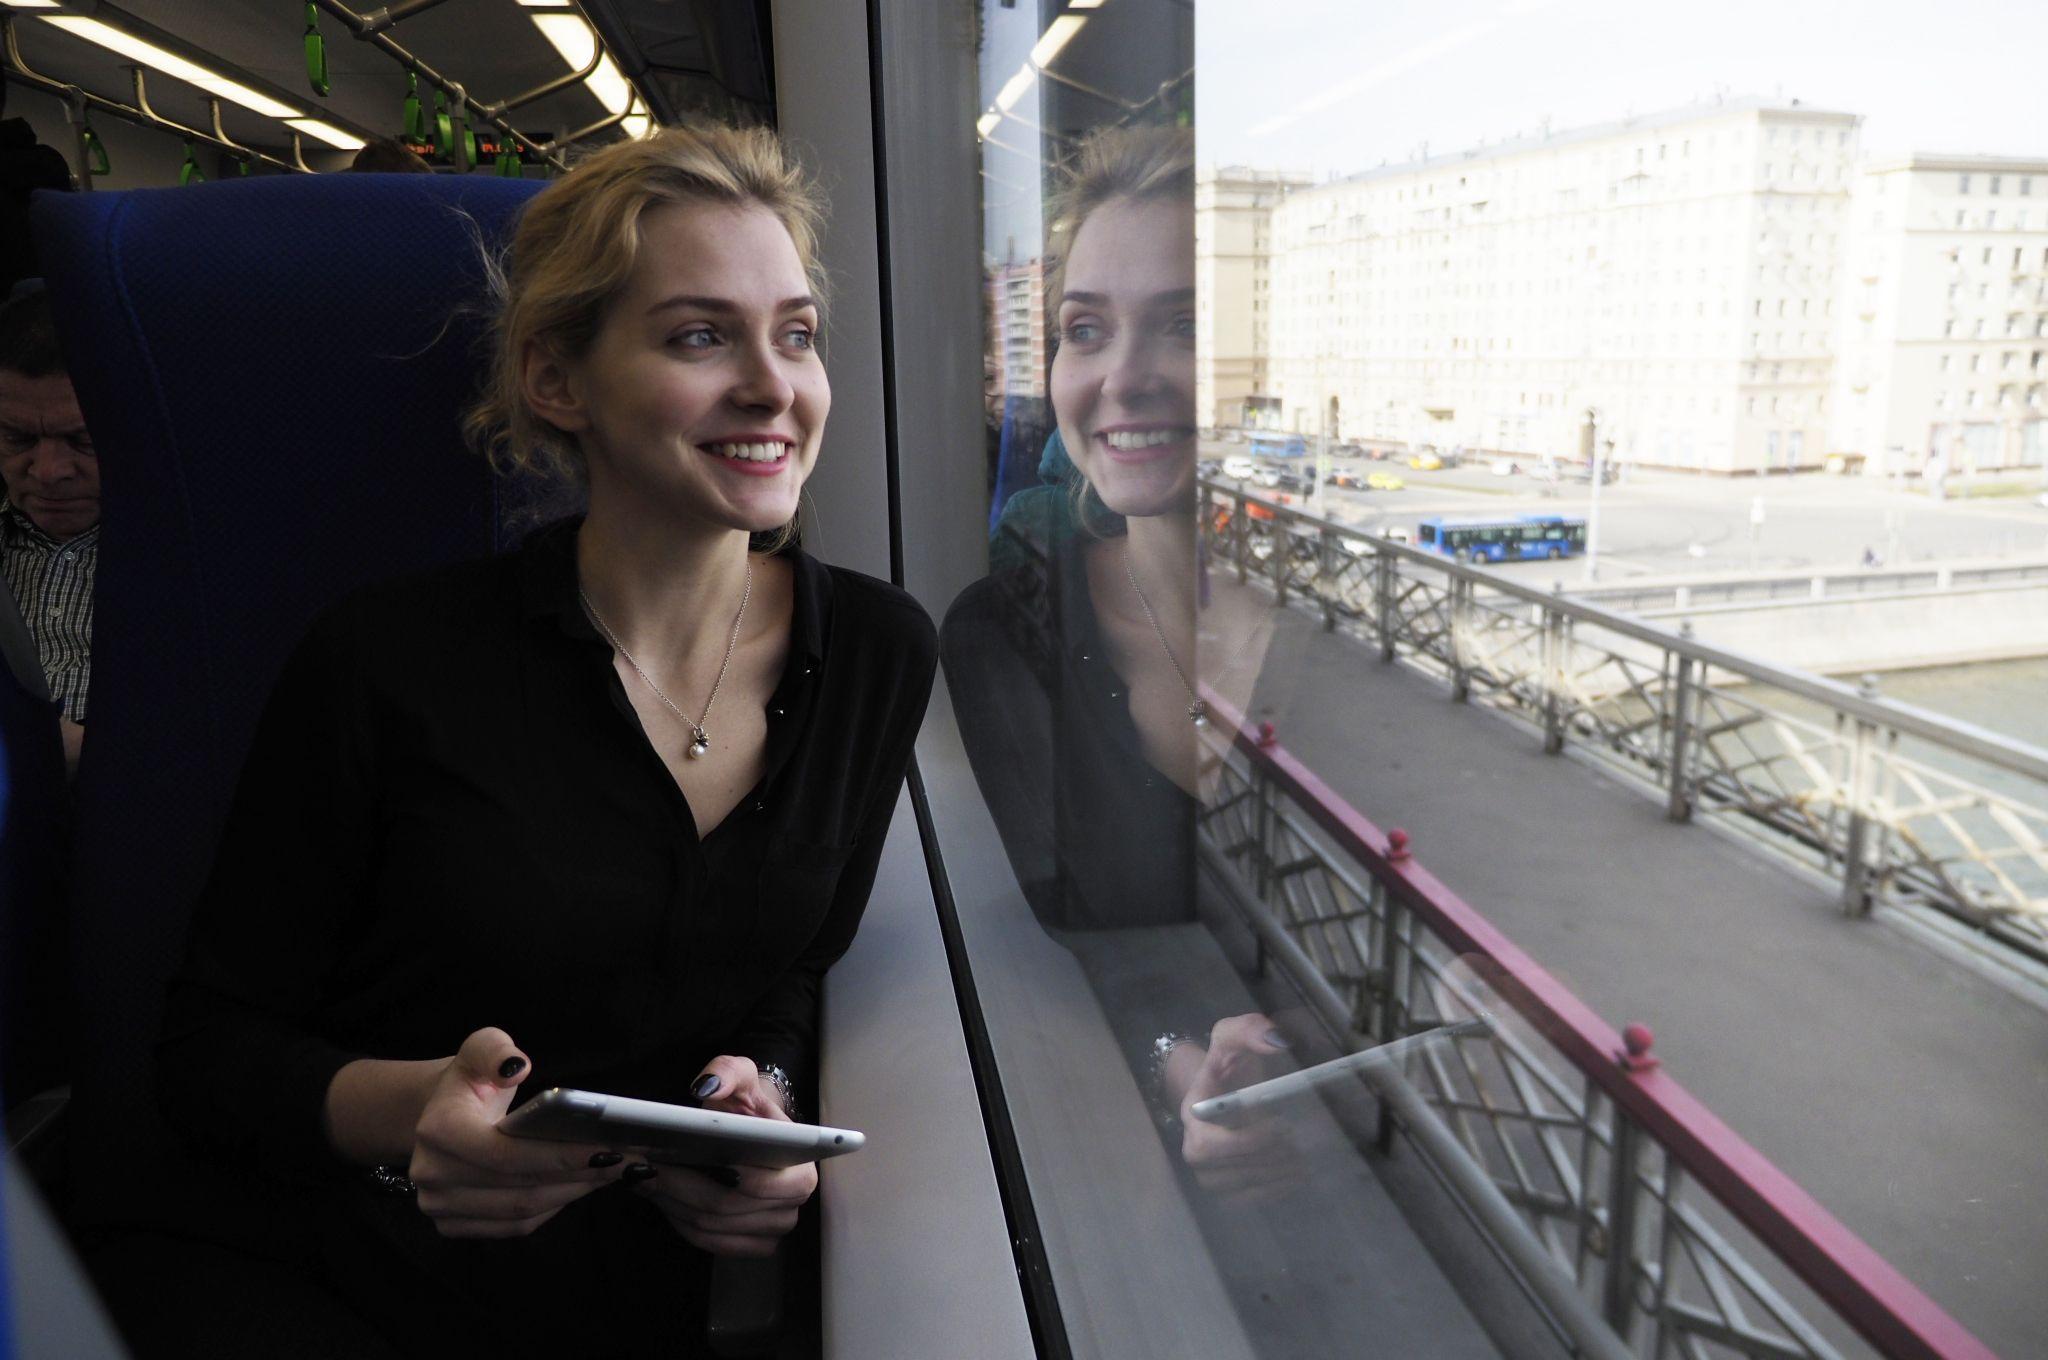 Москва организует бесплатные экскурсии на «Ласточках»